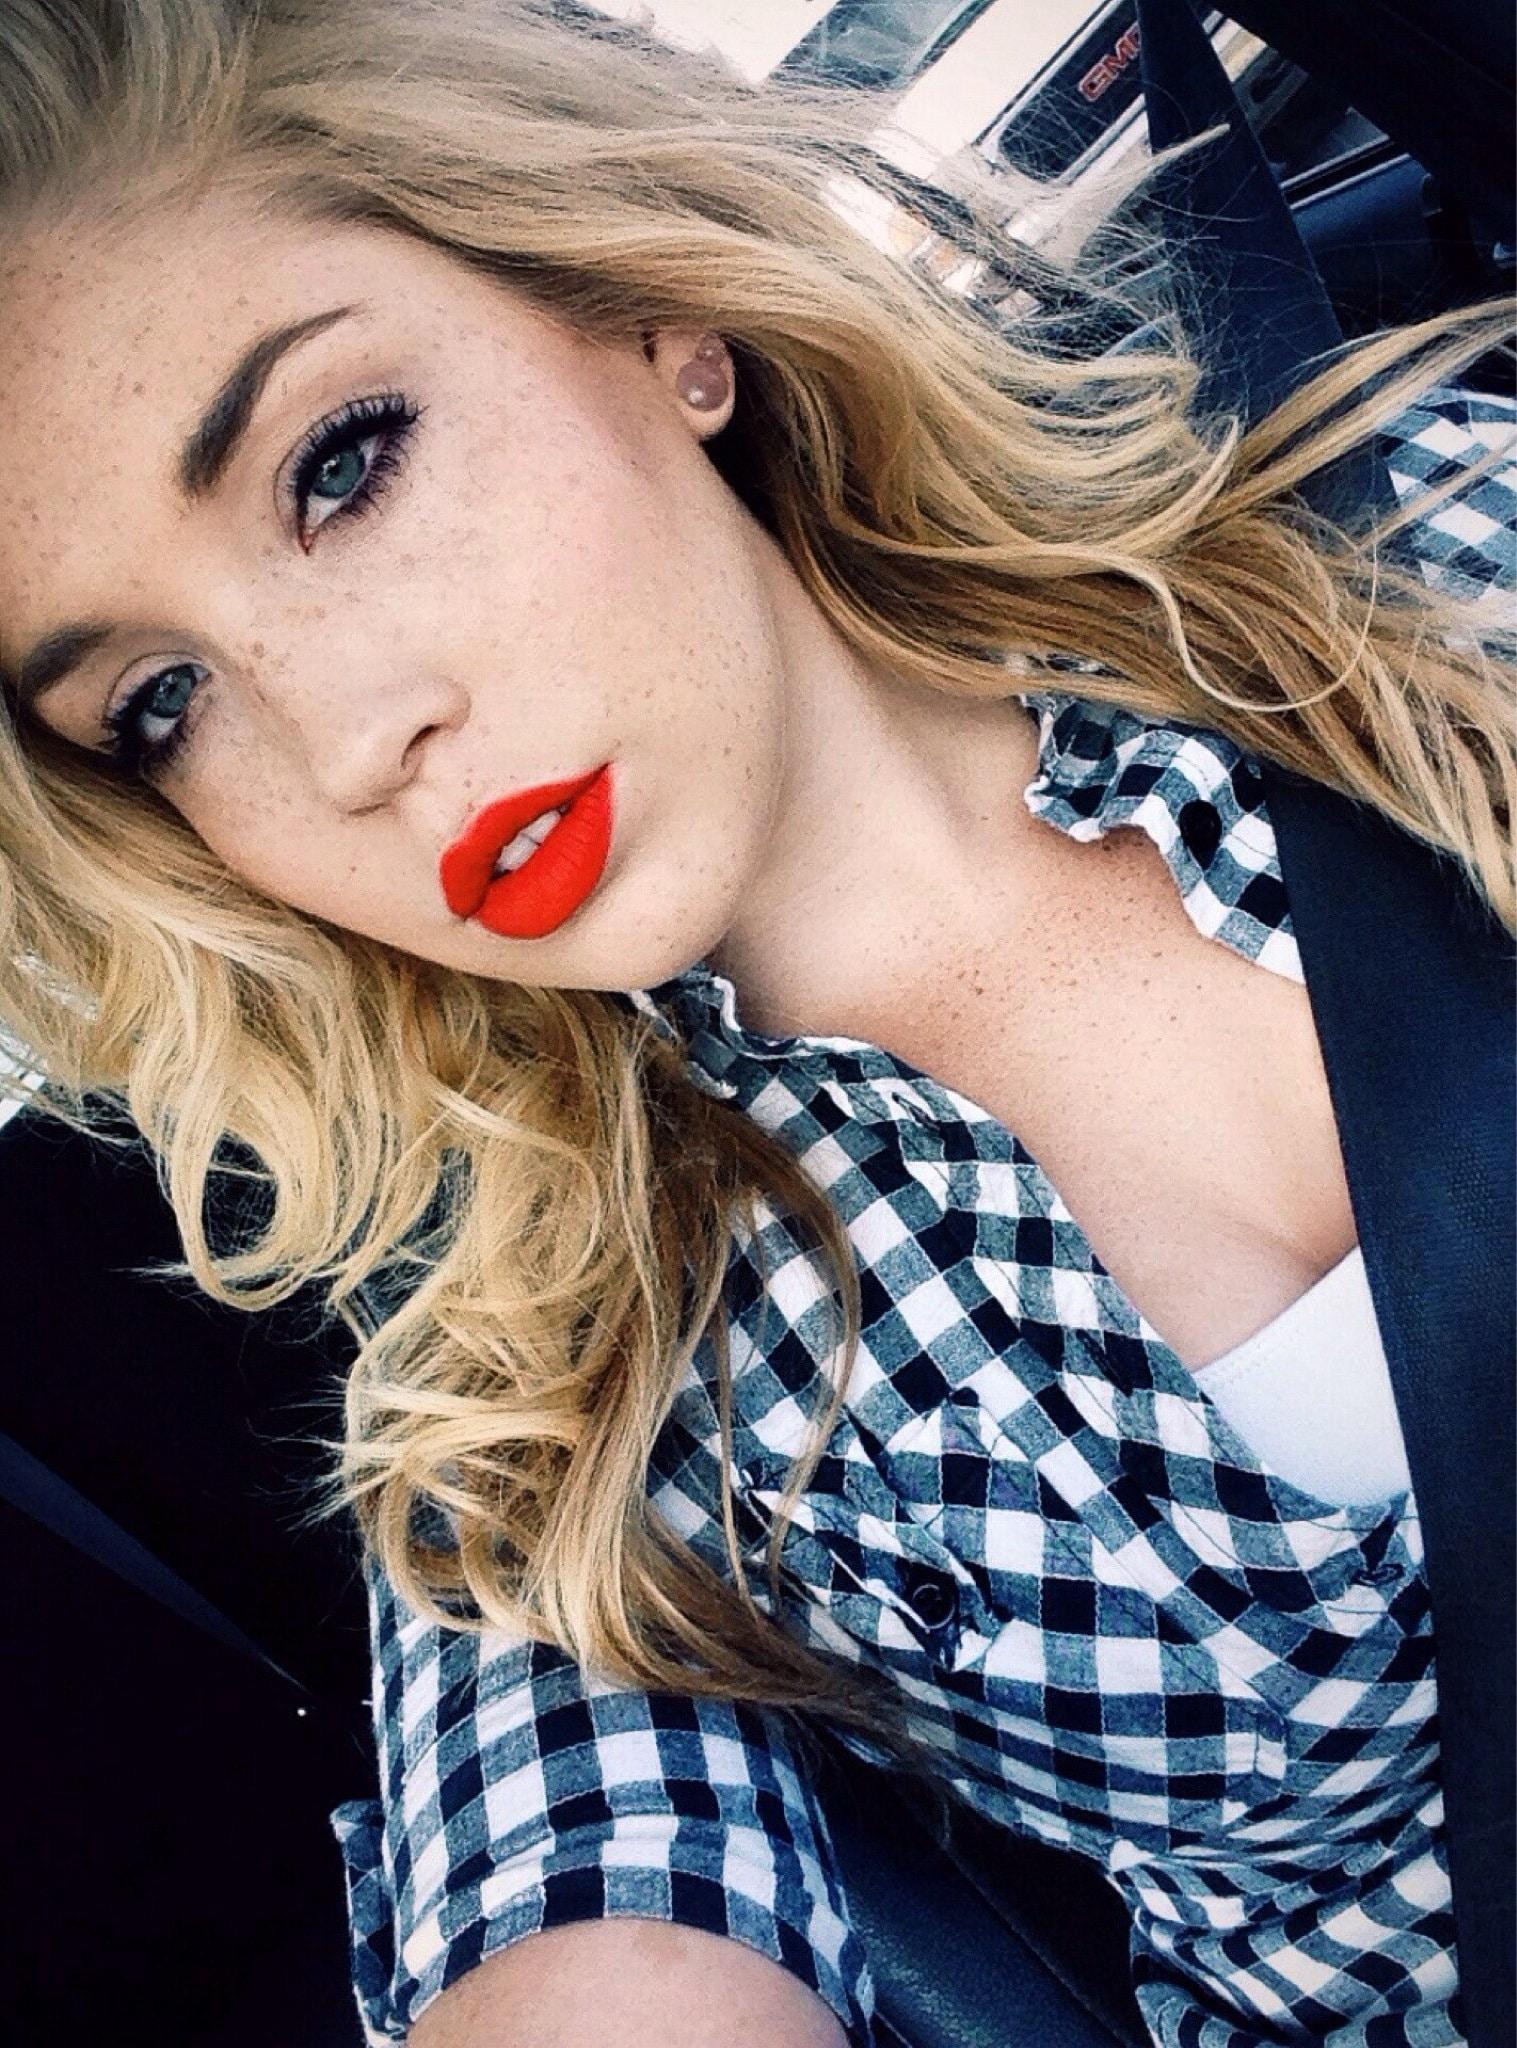 Hot Freckled Girls 29